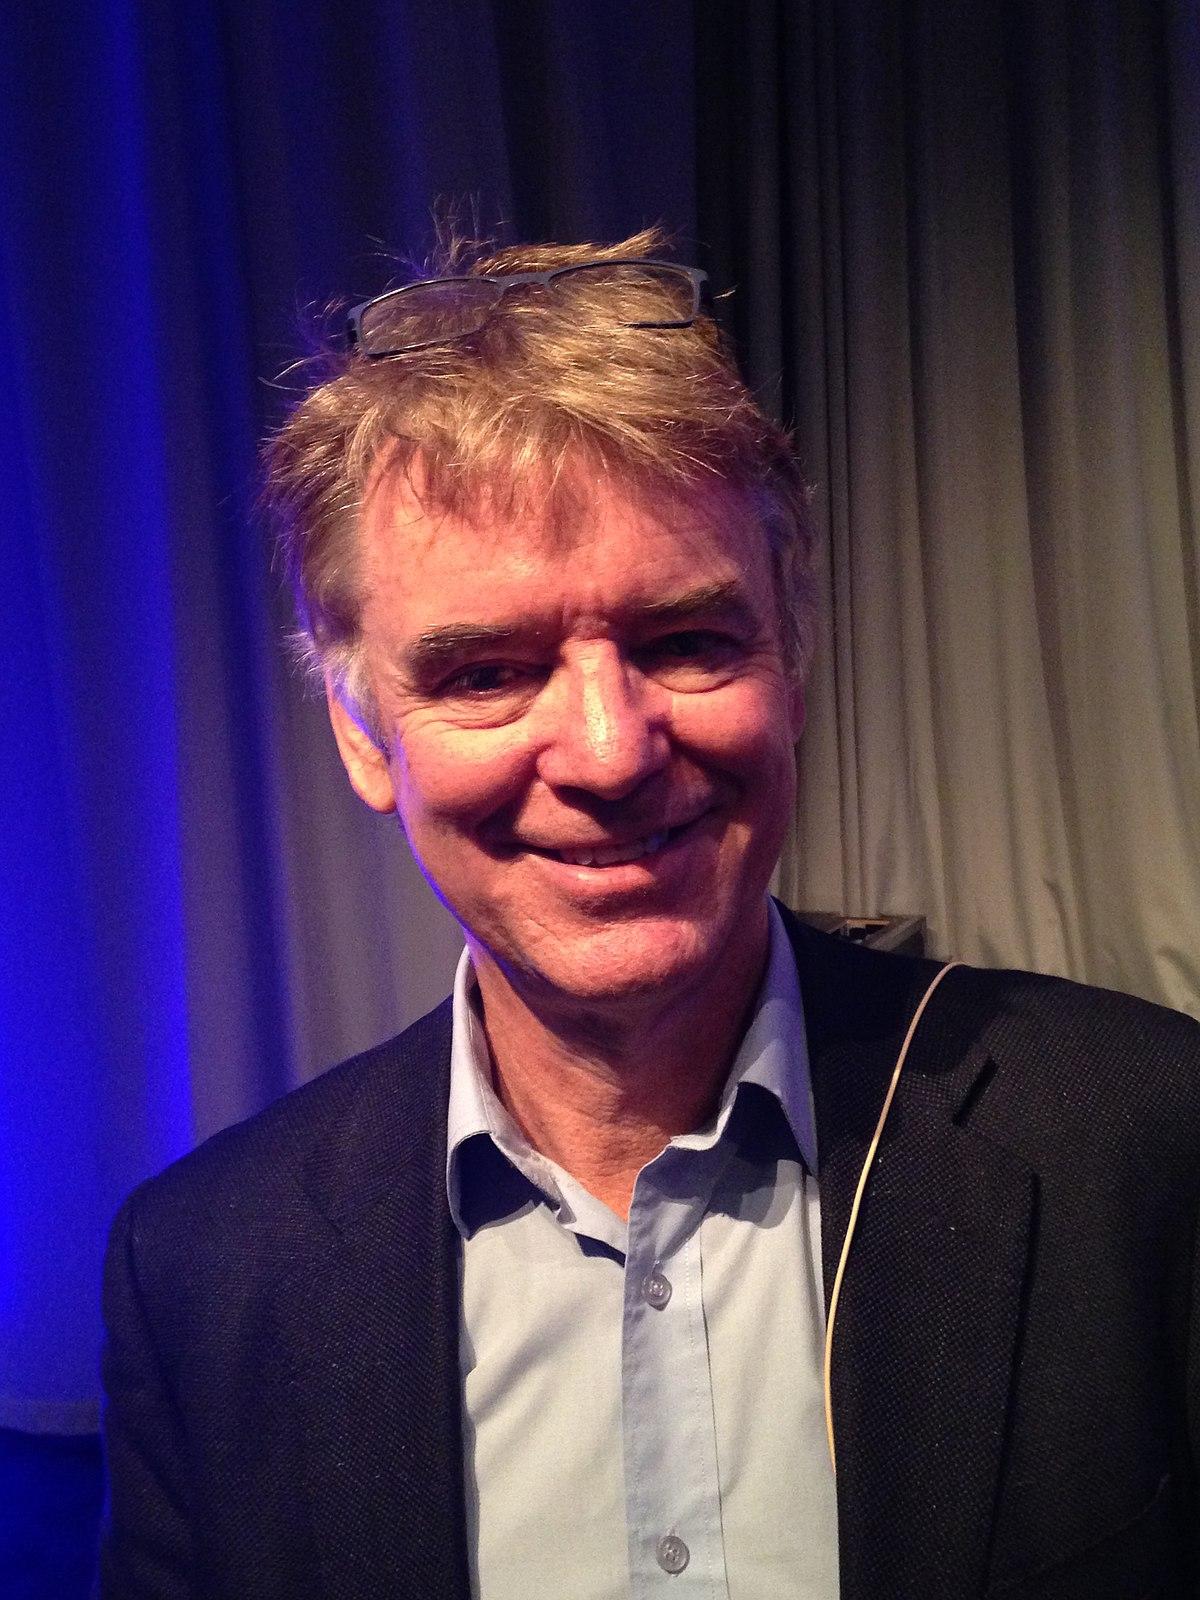 John Hattie - Wikidata